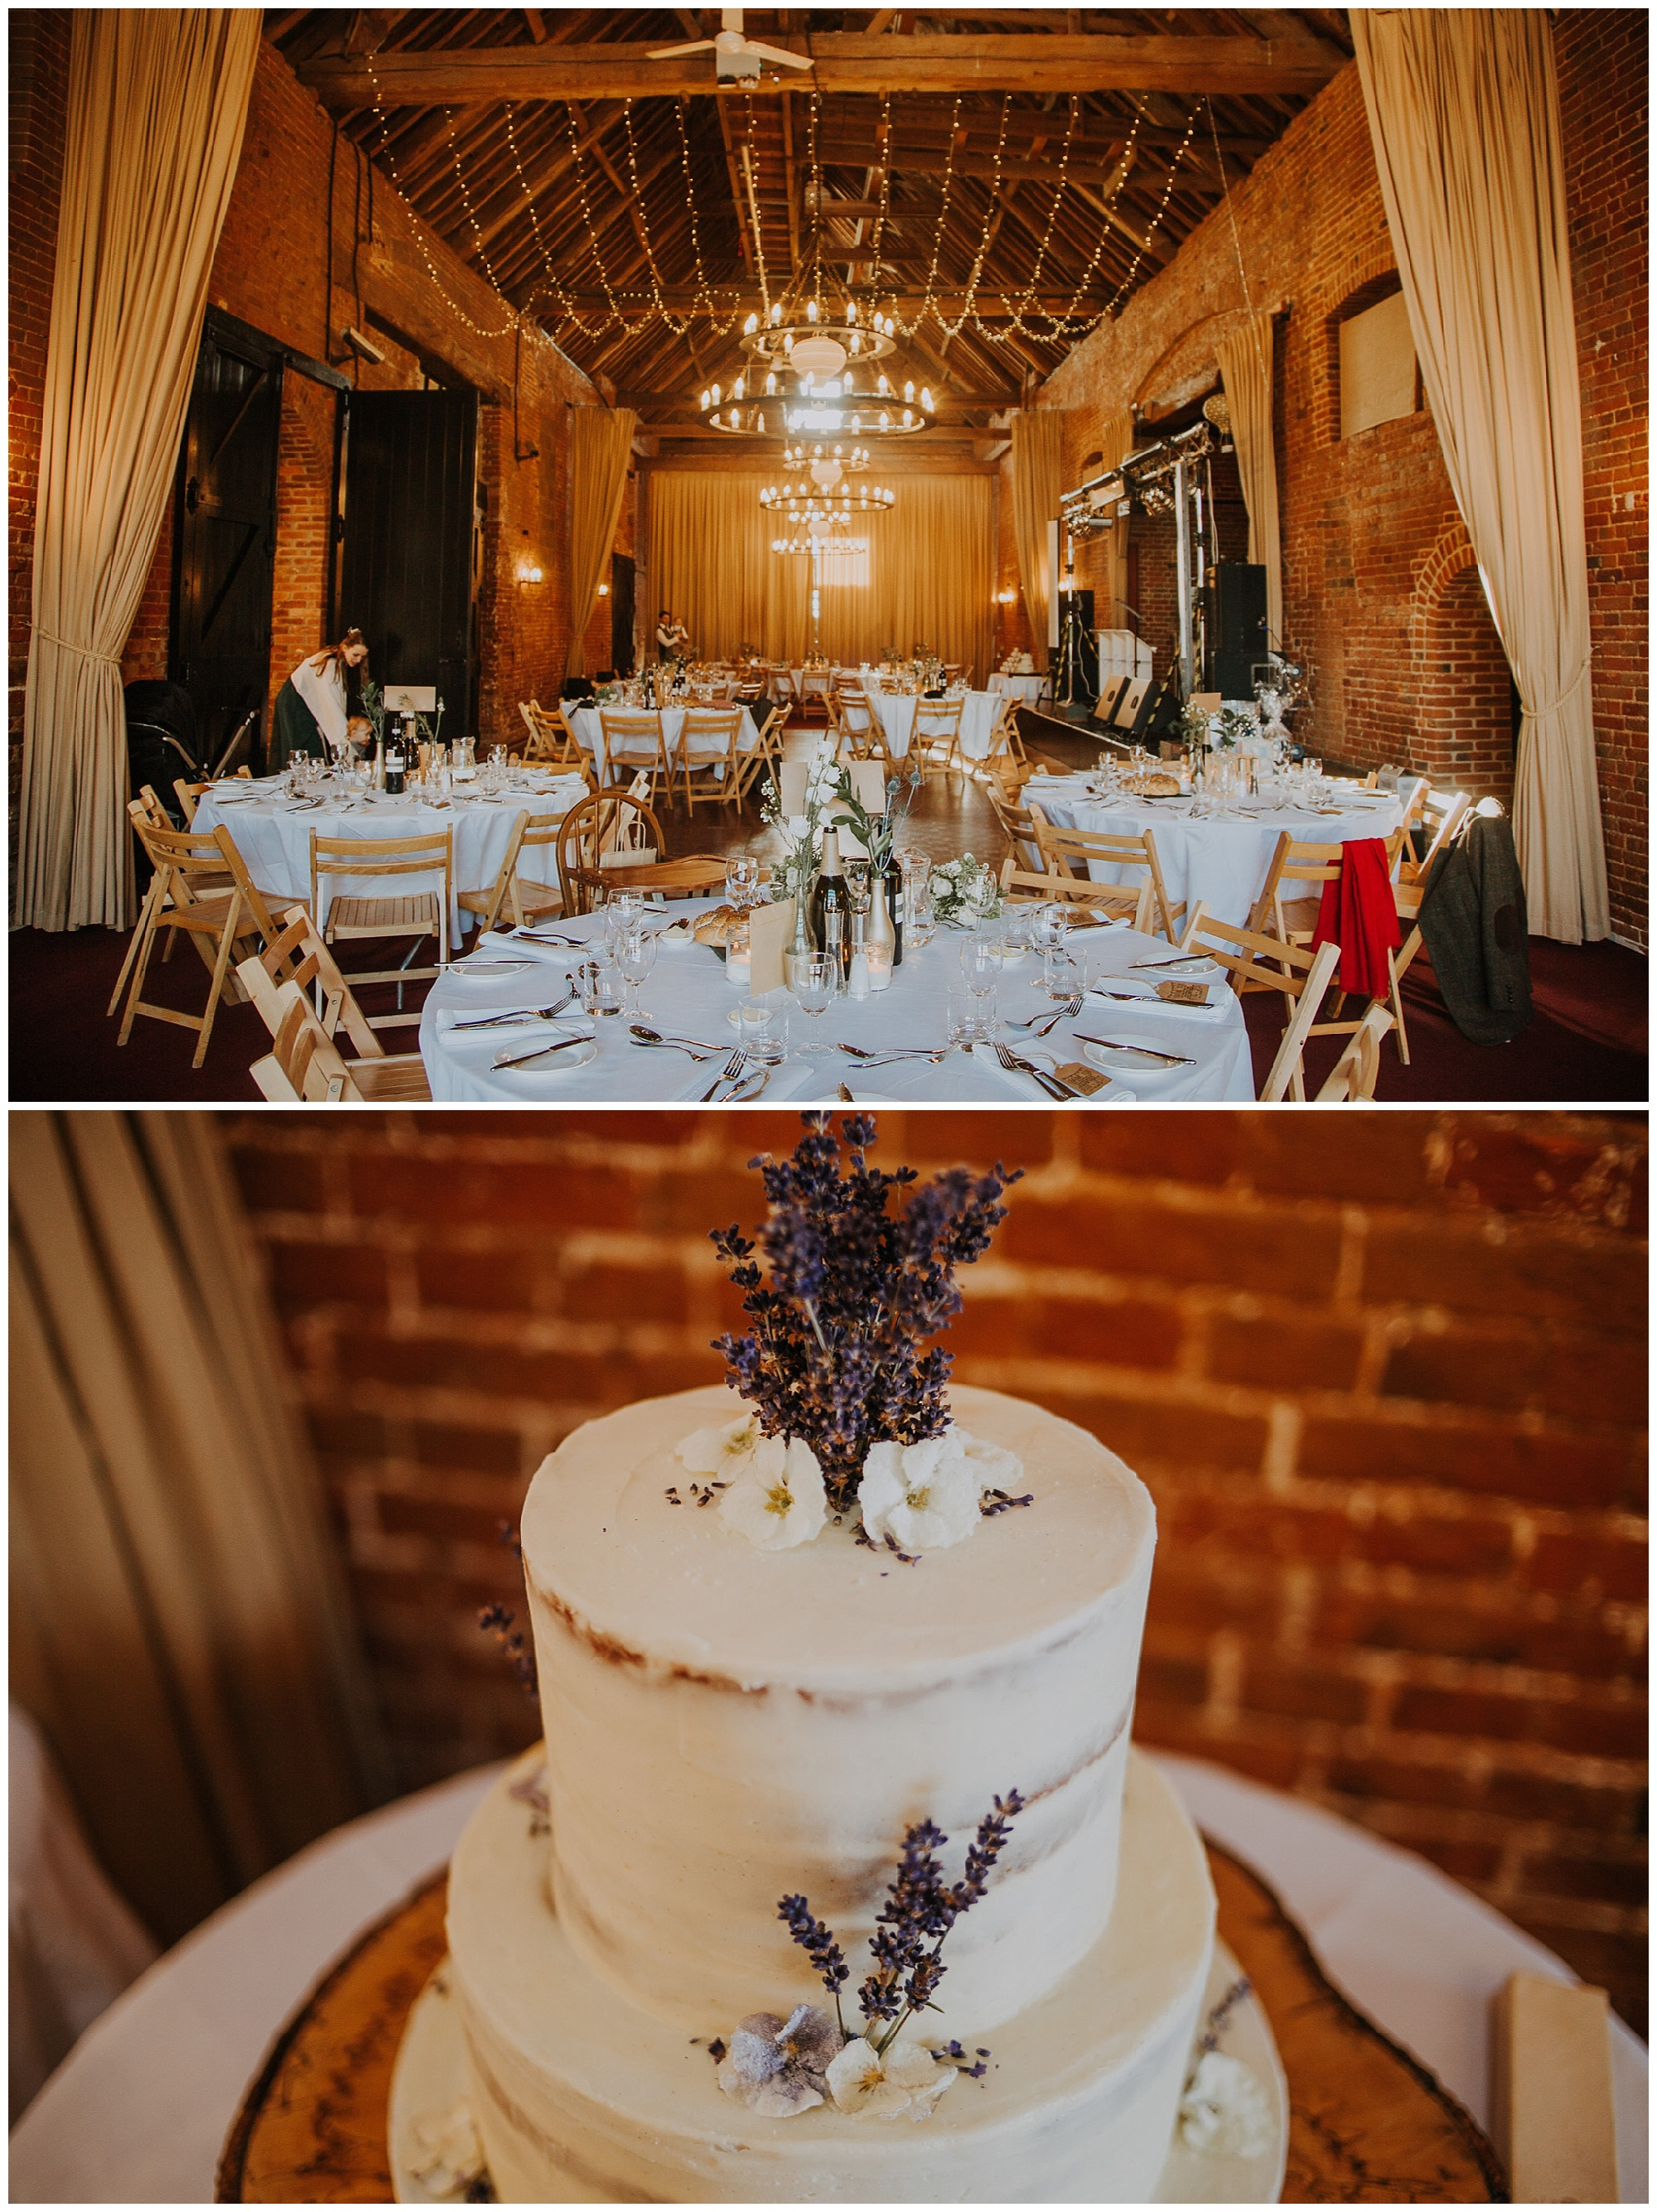 wedding cake and venue decor